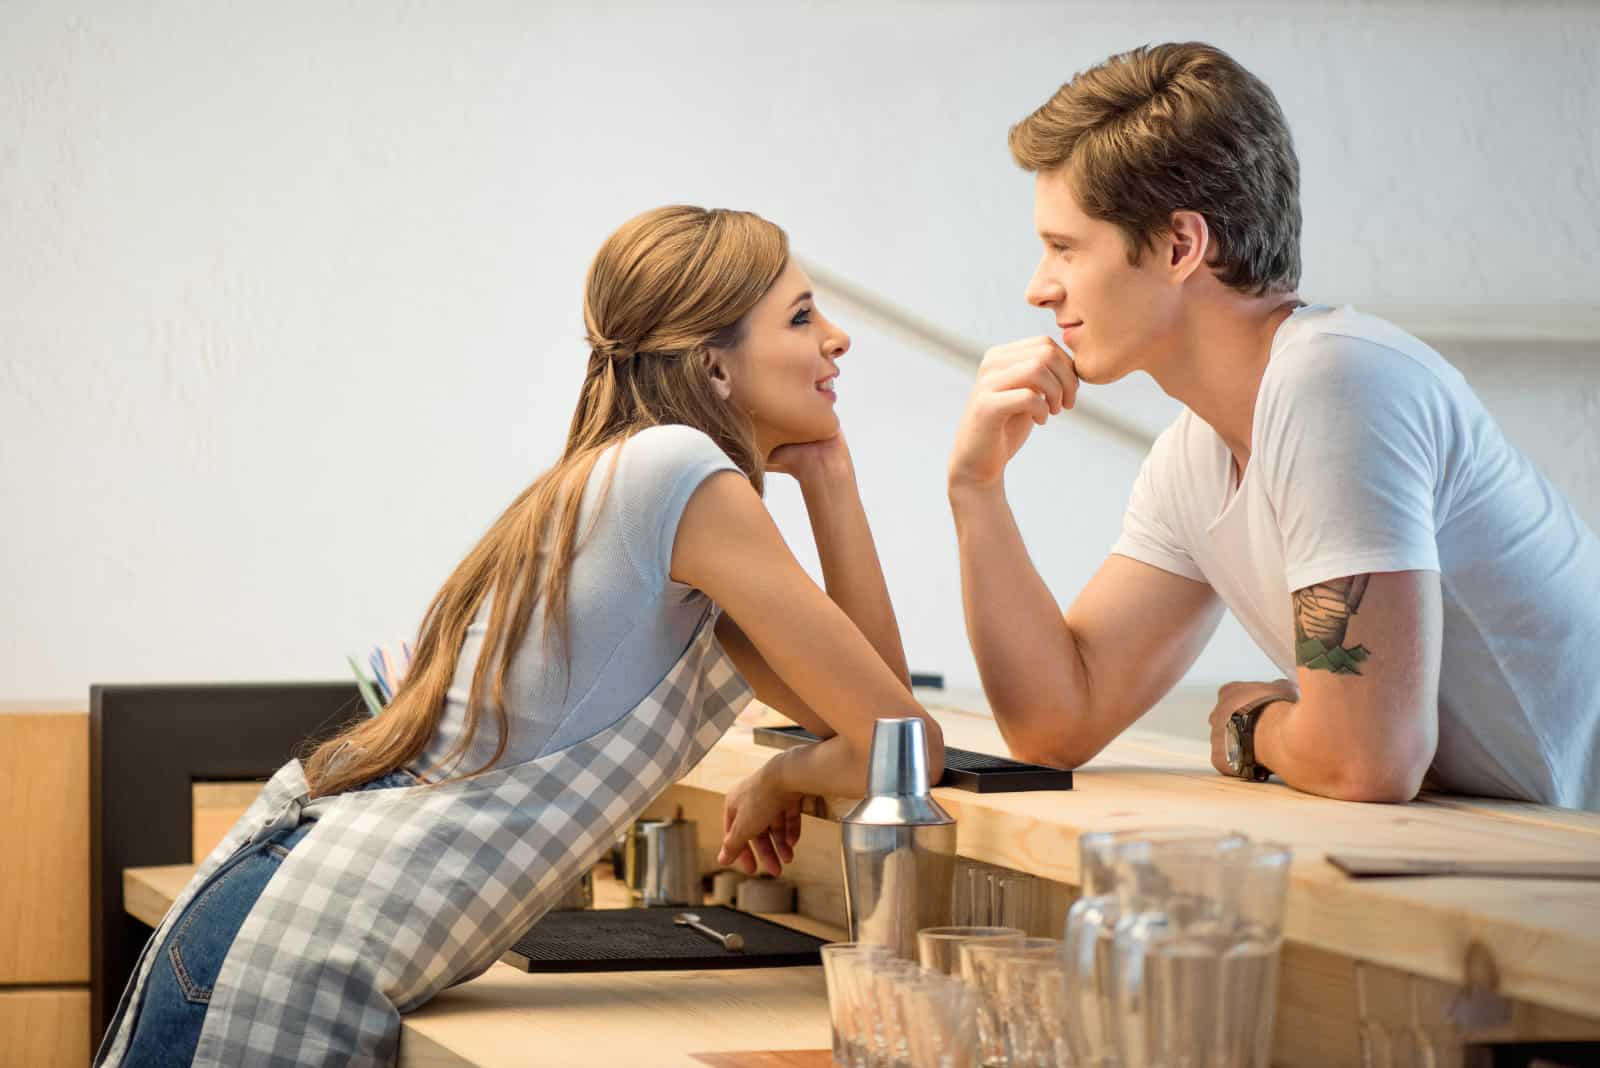 Ein Mann, der mit einem Mädchen flirtet